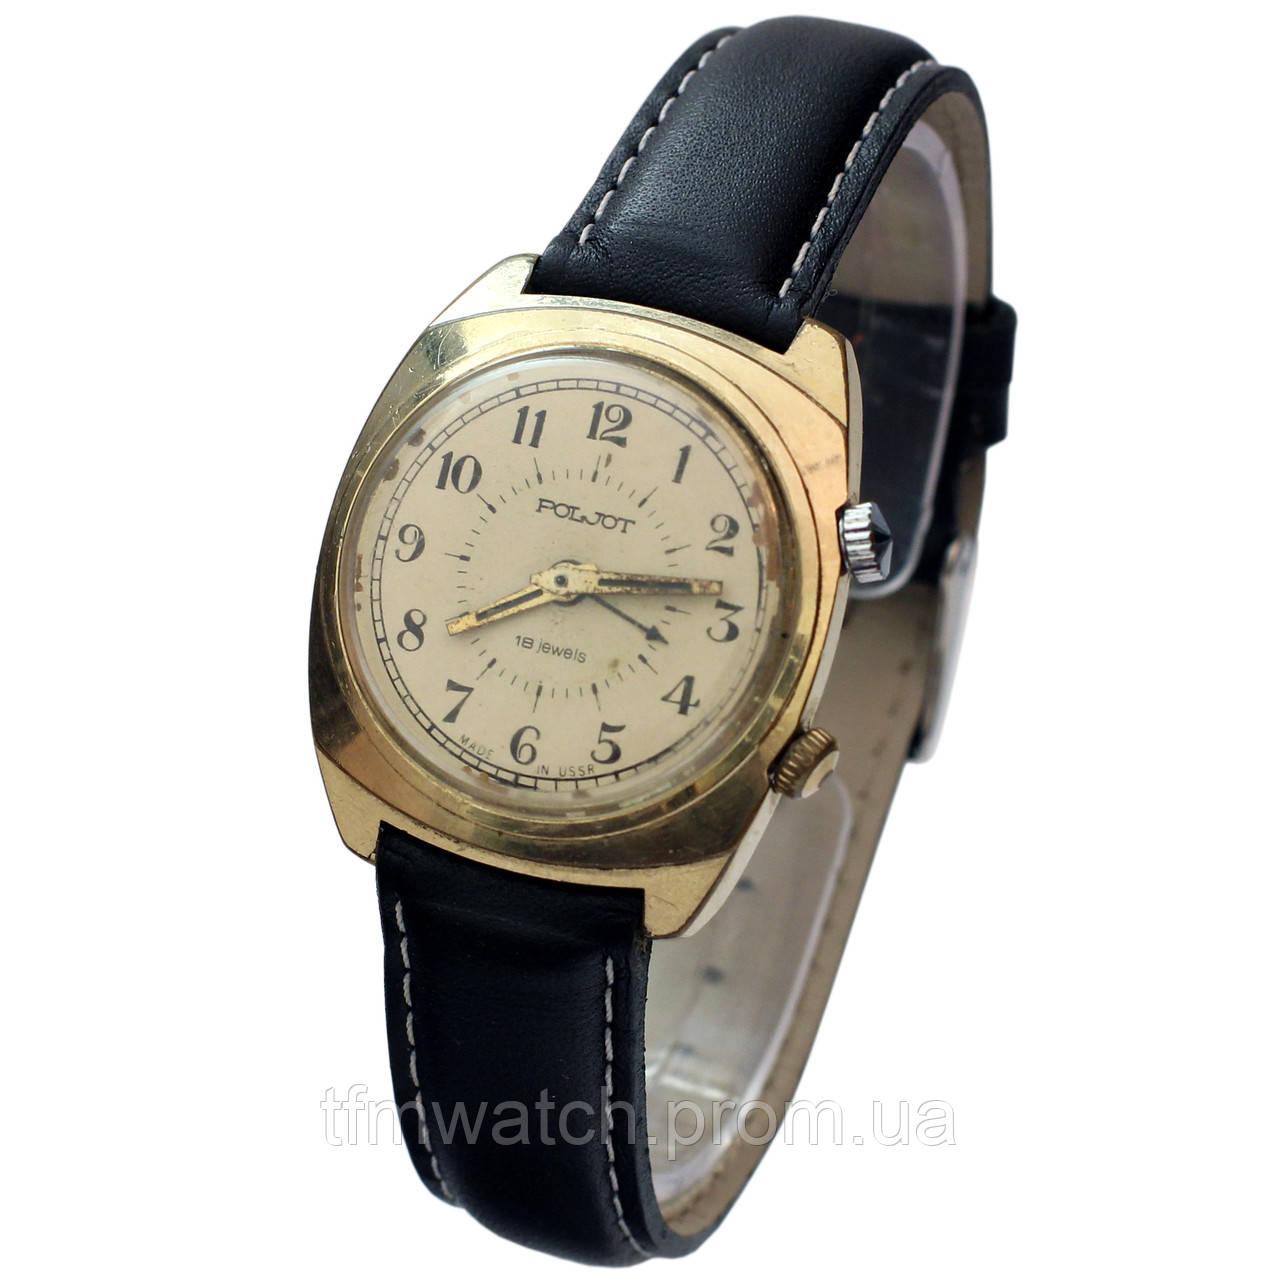 Советские часы Полет с будильником позолоченные